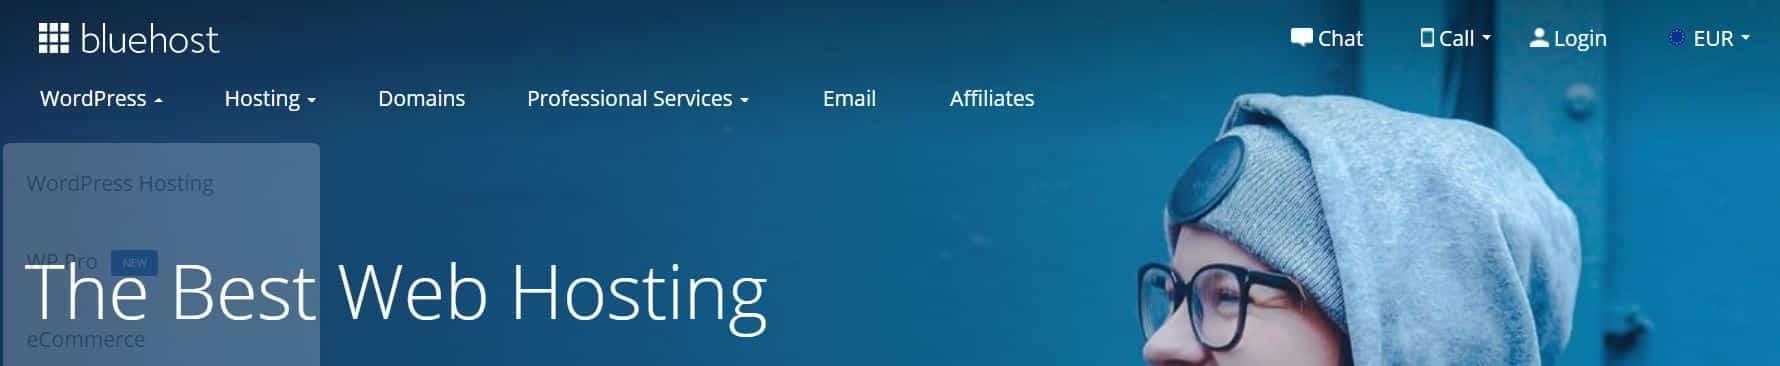 Bluehost es un proveedor de hosting internacional muy bien valorado.